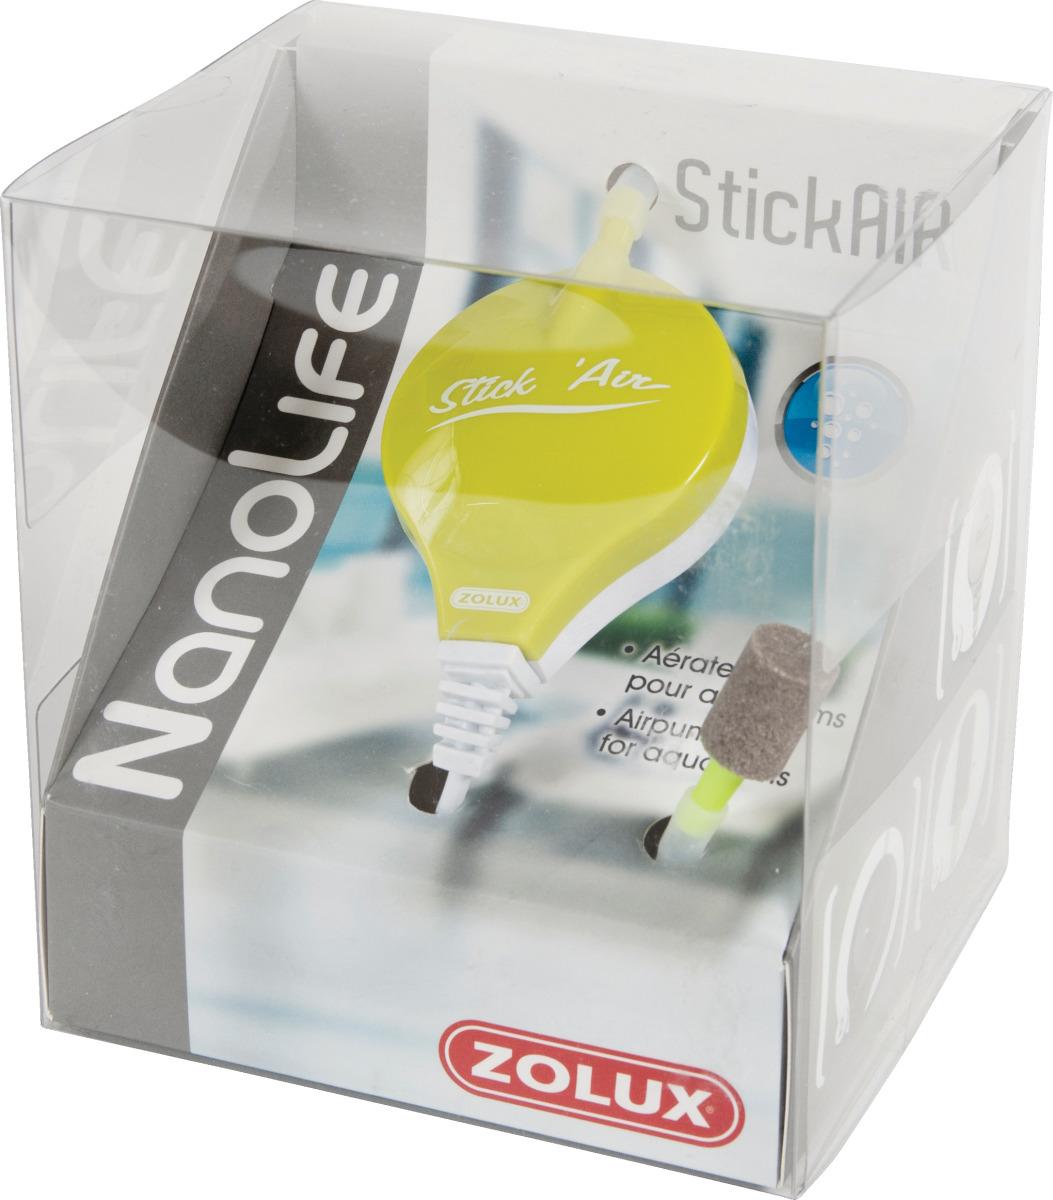 Zolux nanolife stickair vert mini pompe air 15 l h pour for Aquarium zolux